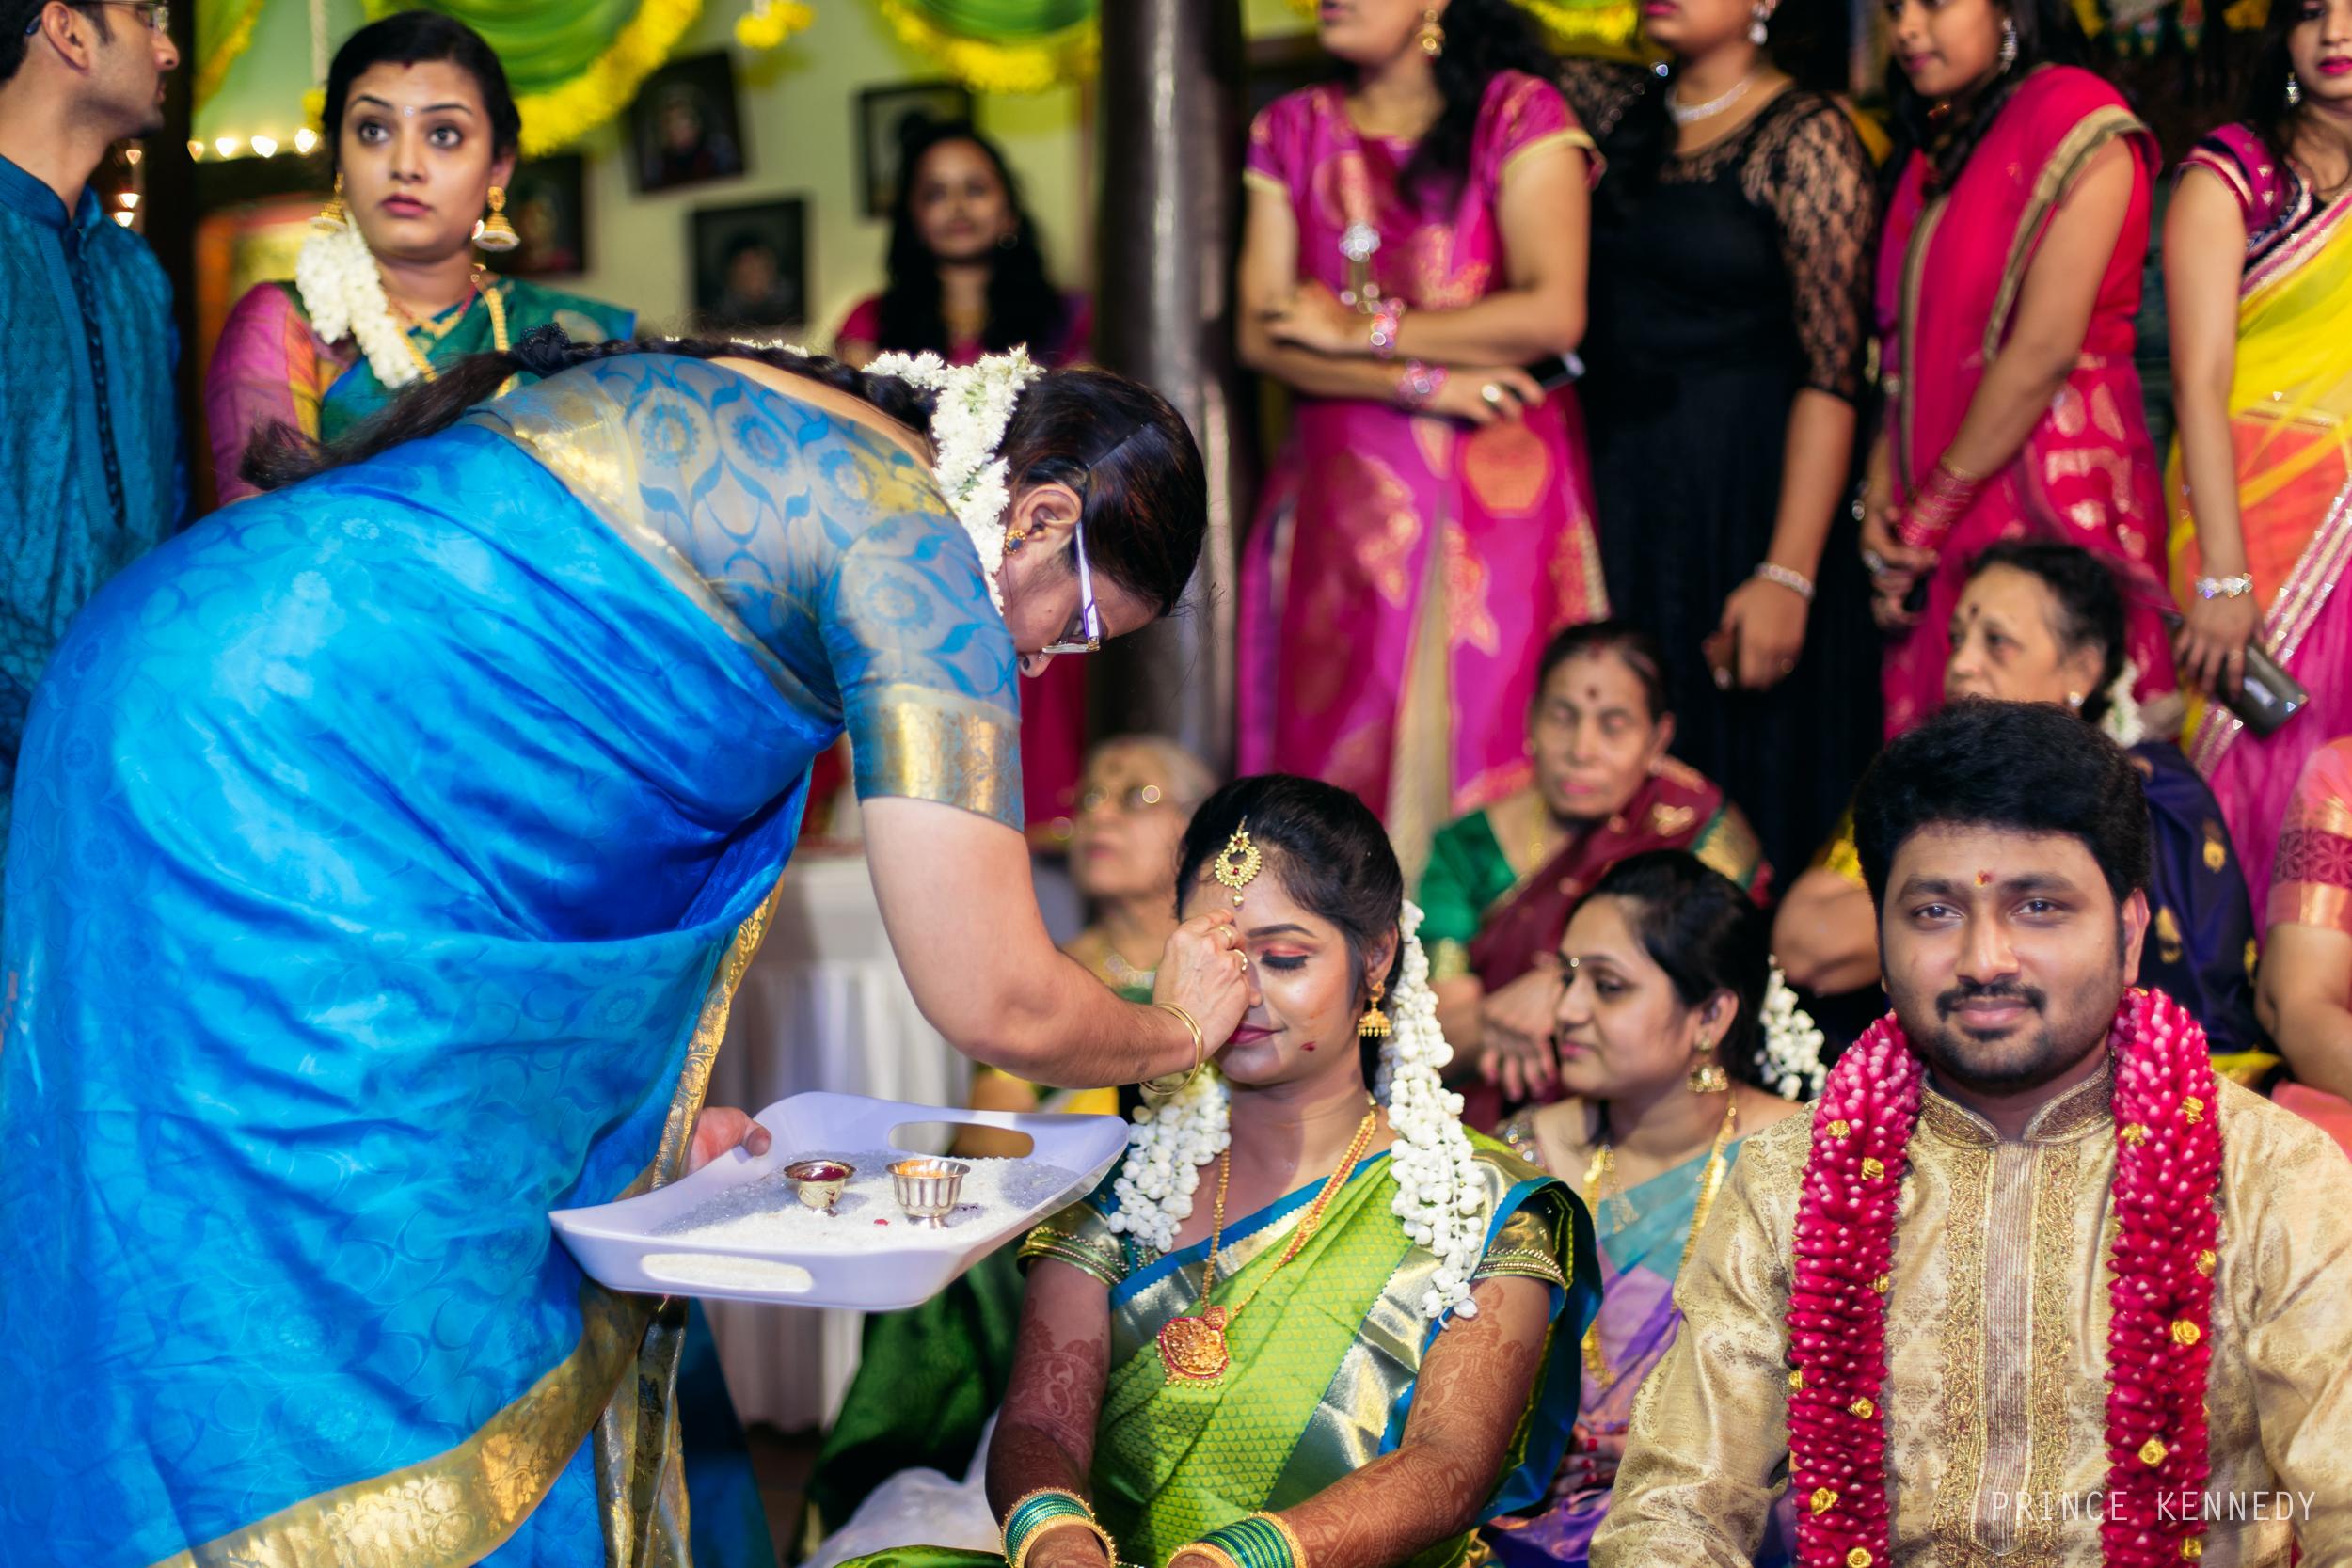 Engagement-Couple-Portrait-Portraiture-Wedding-Couple-Portrait-Chennai-Photographer-Candid-Photography-Destination-Best-Prince-Kennedy-Photography-215.jpg